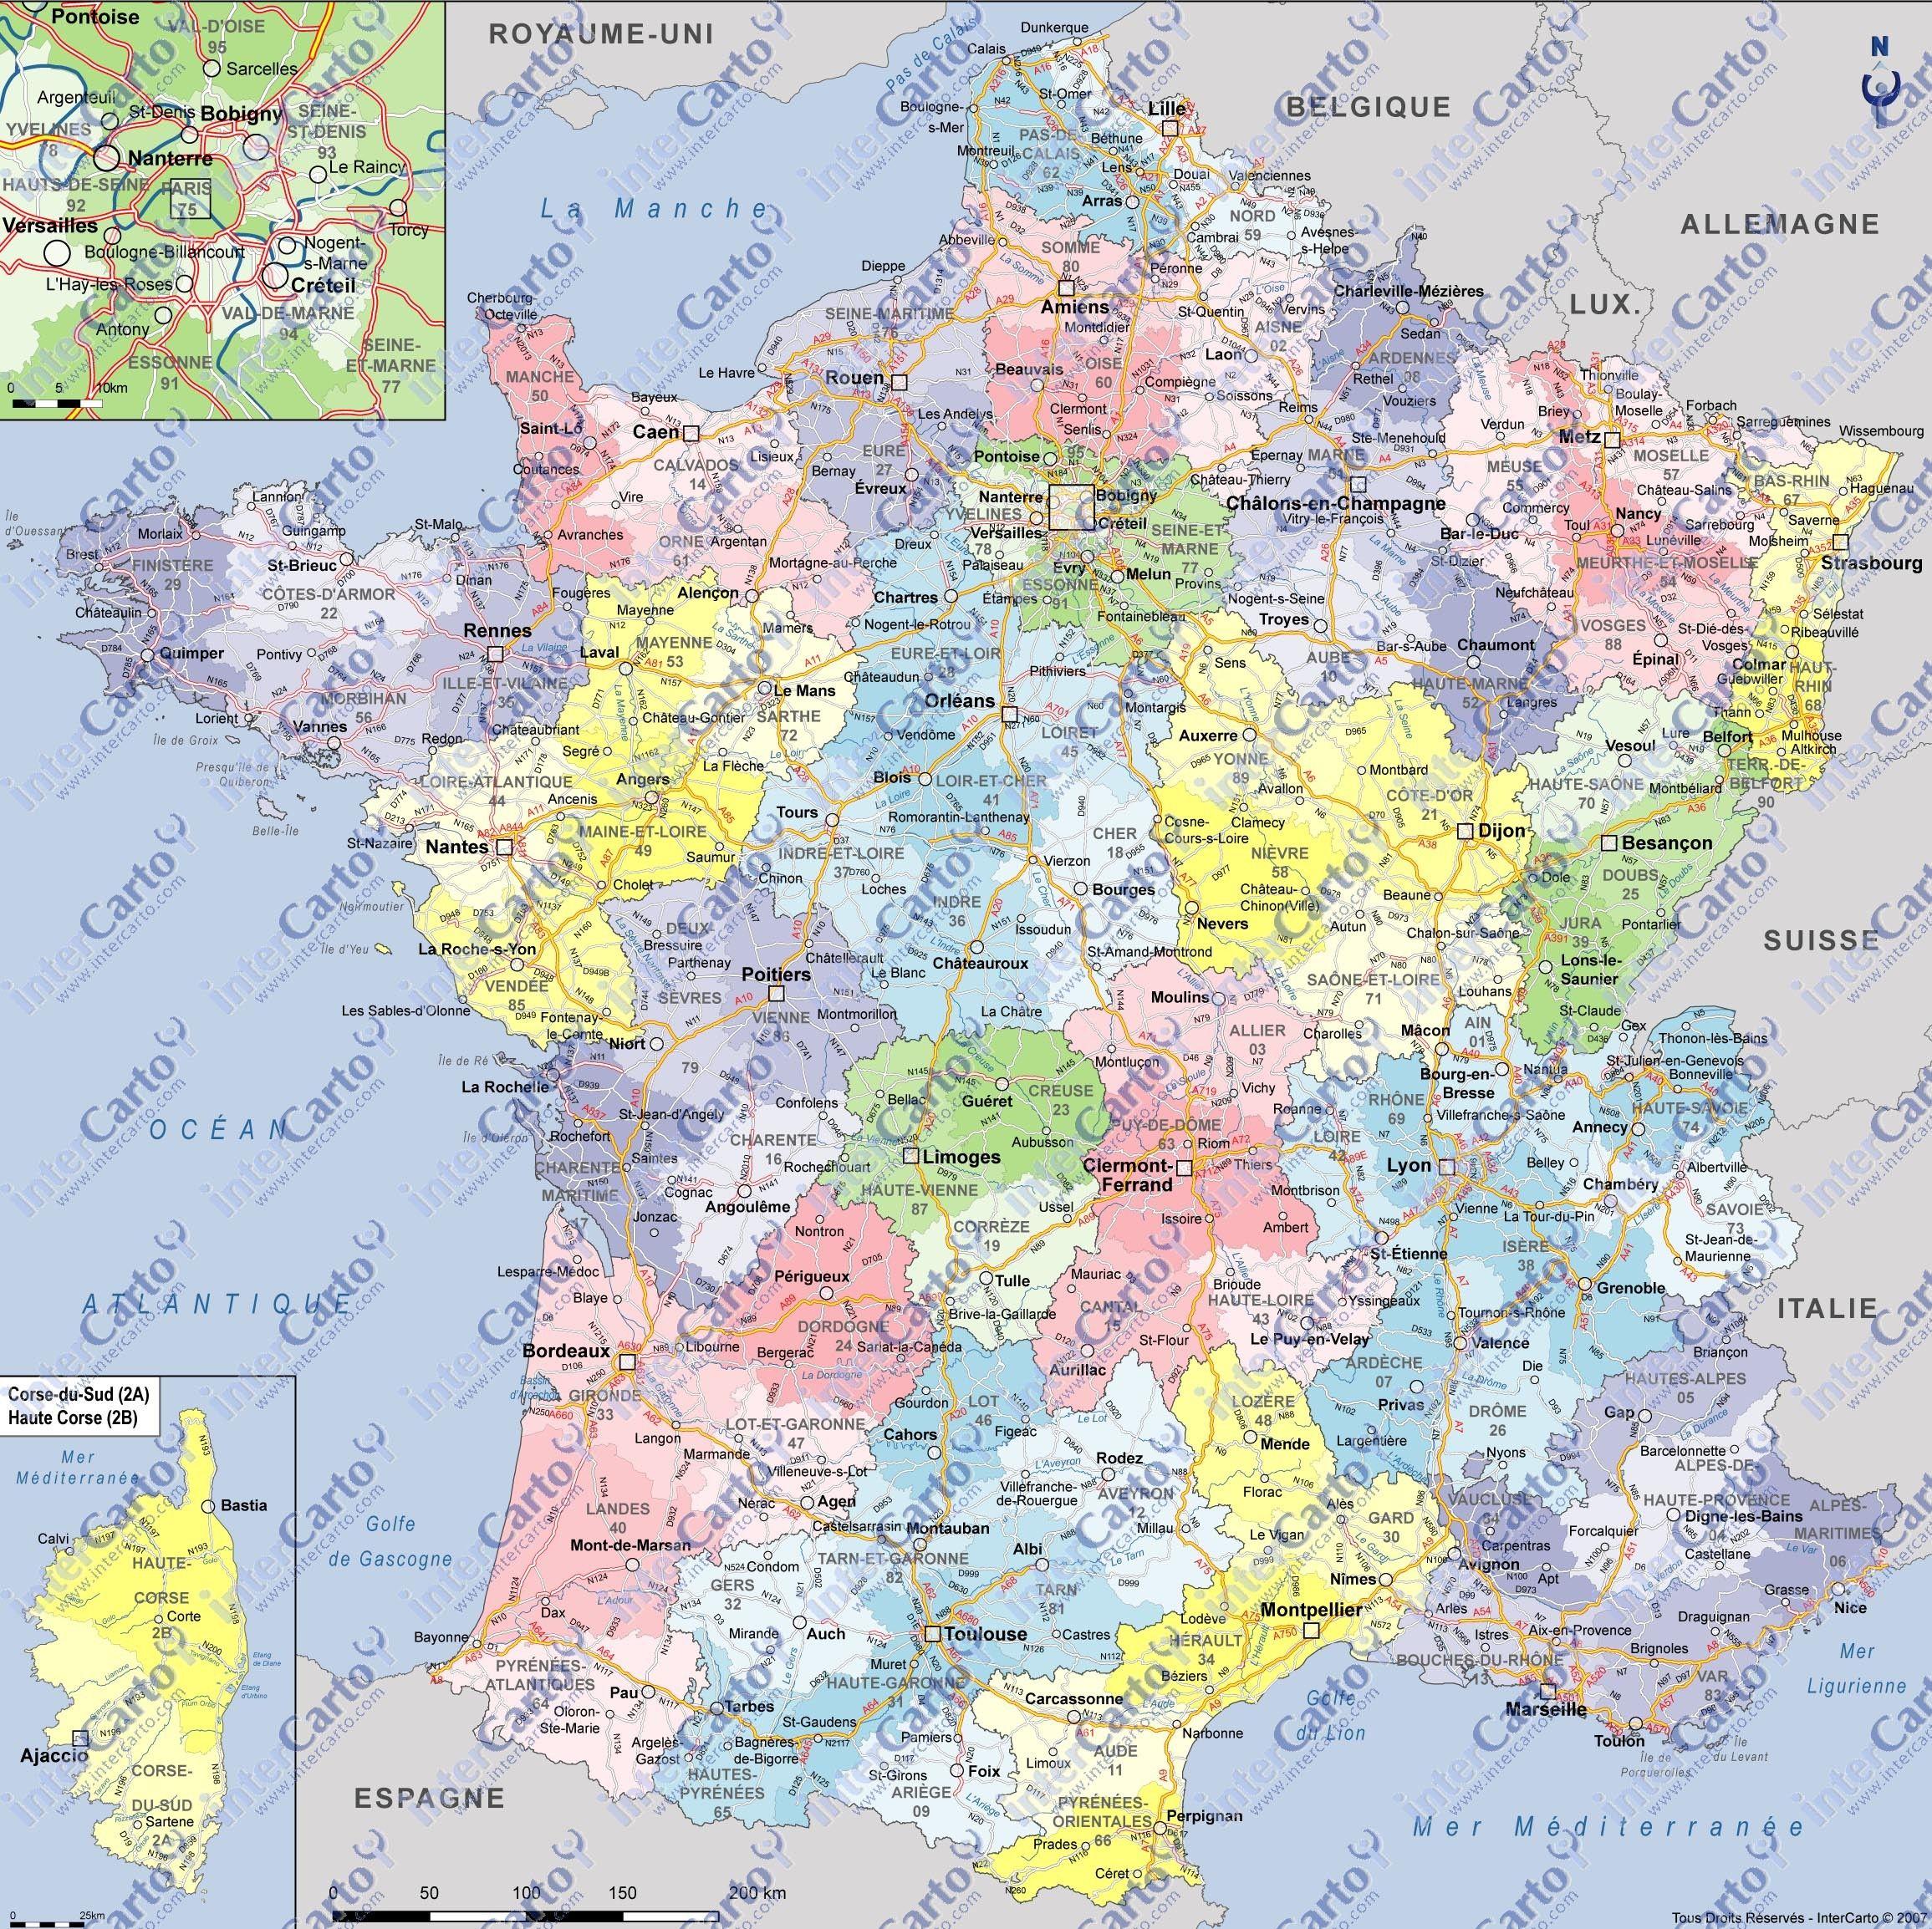 Carte De France Départements Villes Et Régions | Carte De concernant Carte De France Avec Villes Et Départements